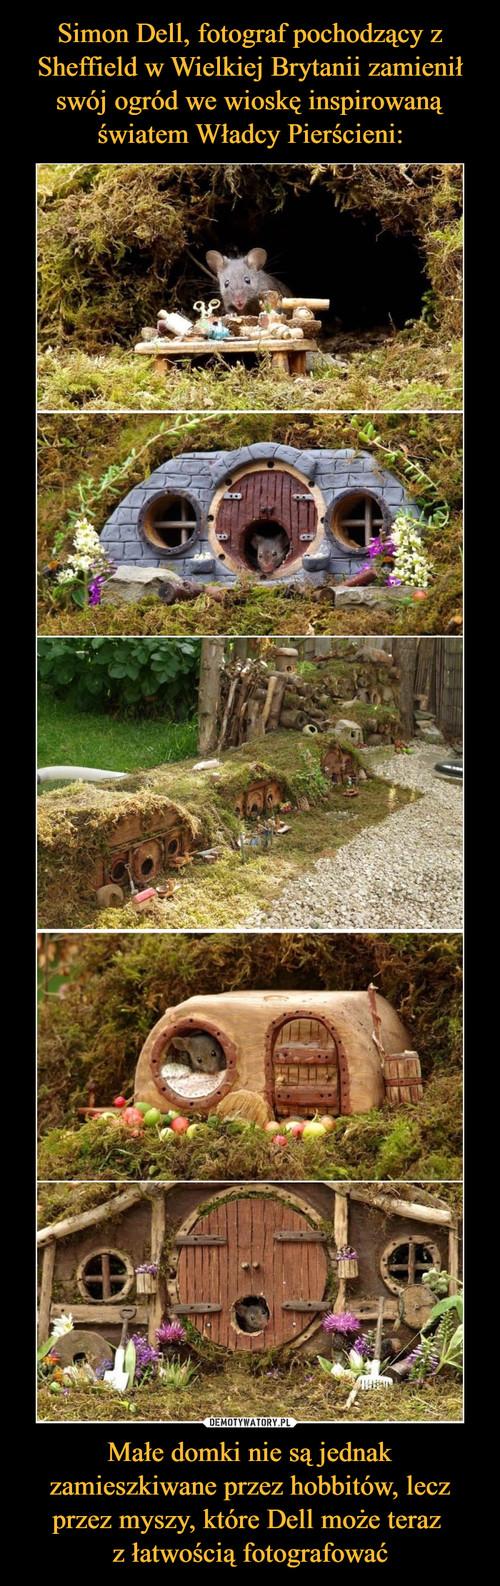 Simon Dell, fotograf pochodzący z Sheffield w Wielkiej Brytanii zamienił swój ogród we wioskę inspirowaną światem Władcy Pierścieni: Małe domki nie są jednak zamieszkiwane przez hobbitów, lecz przez myszy, które Dell może teraz  z łatwością fotografować